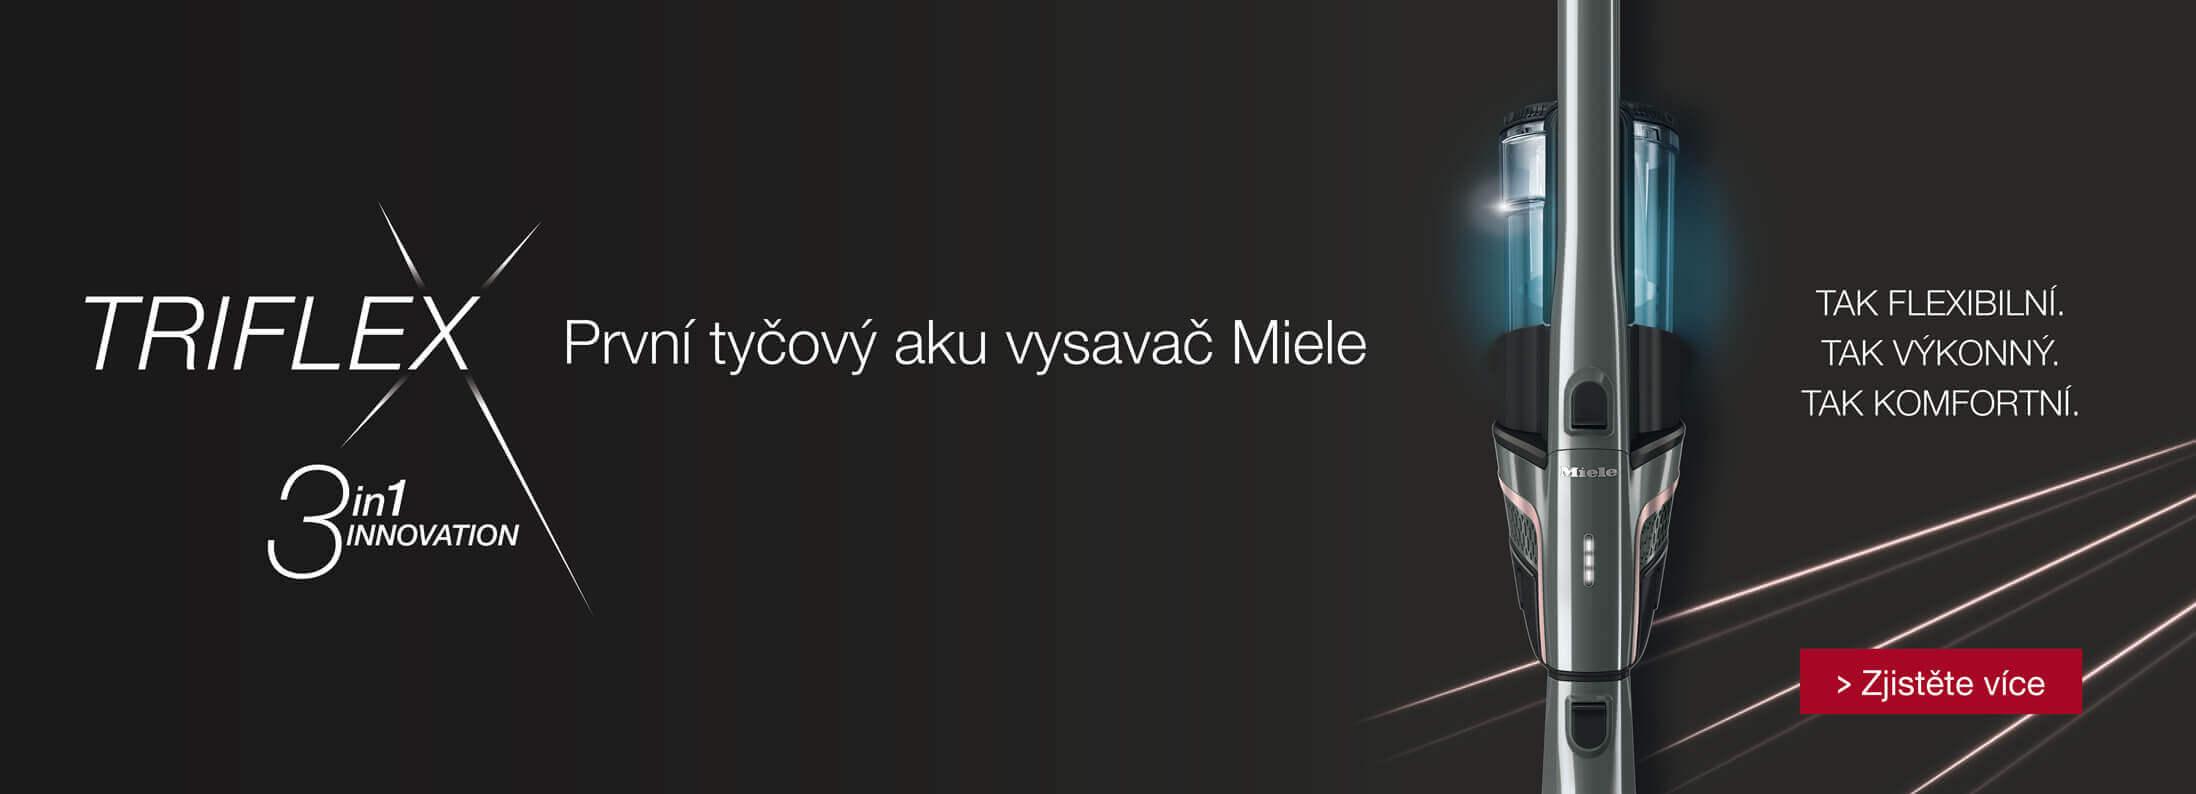 Miele - Nová řada vysavačů Triflex